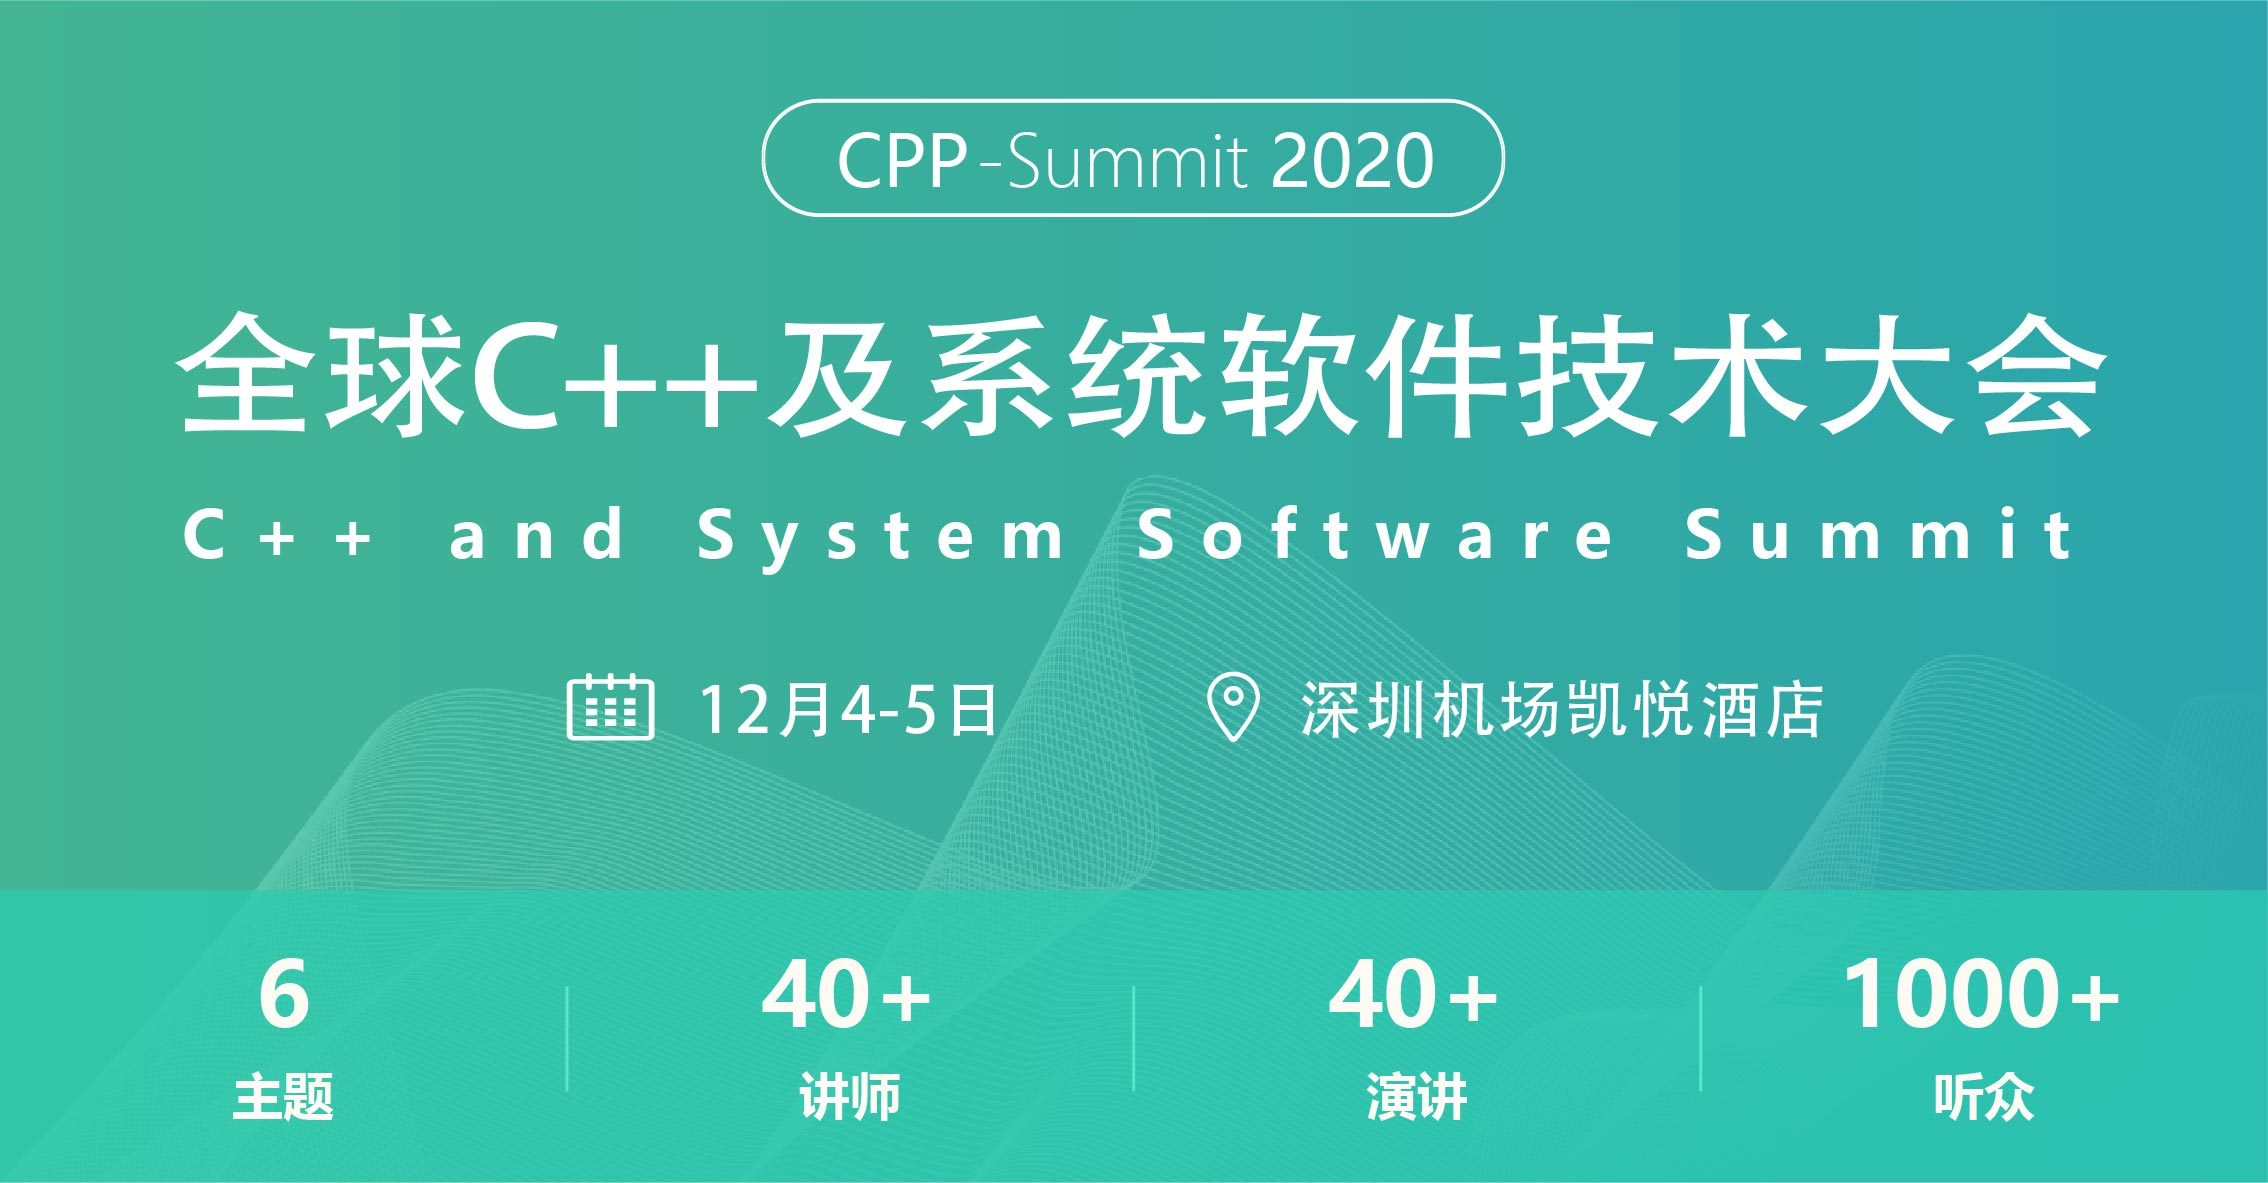 2020全球C++及系统软件技术大会(12月深圳)